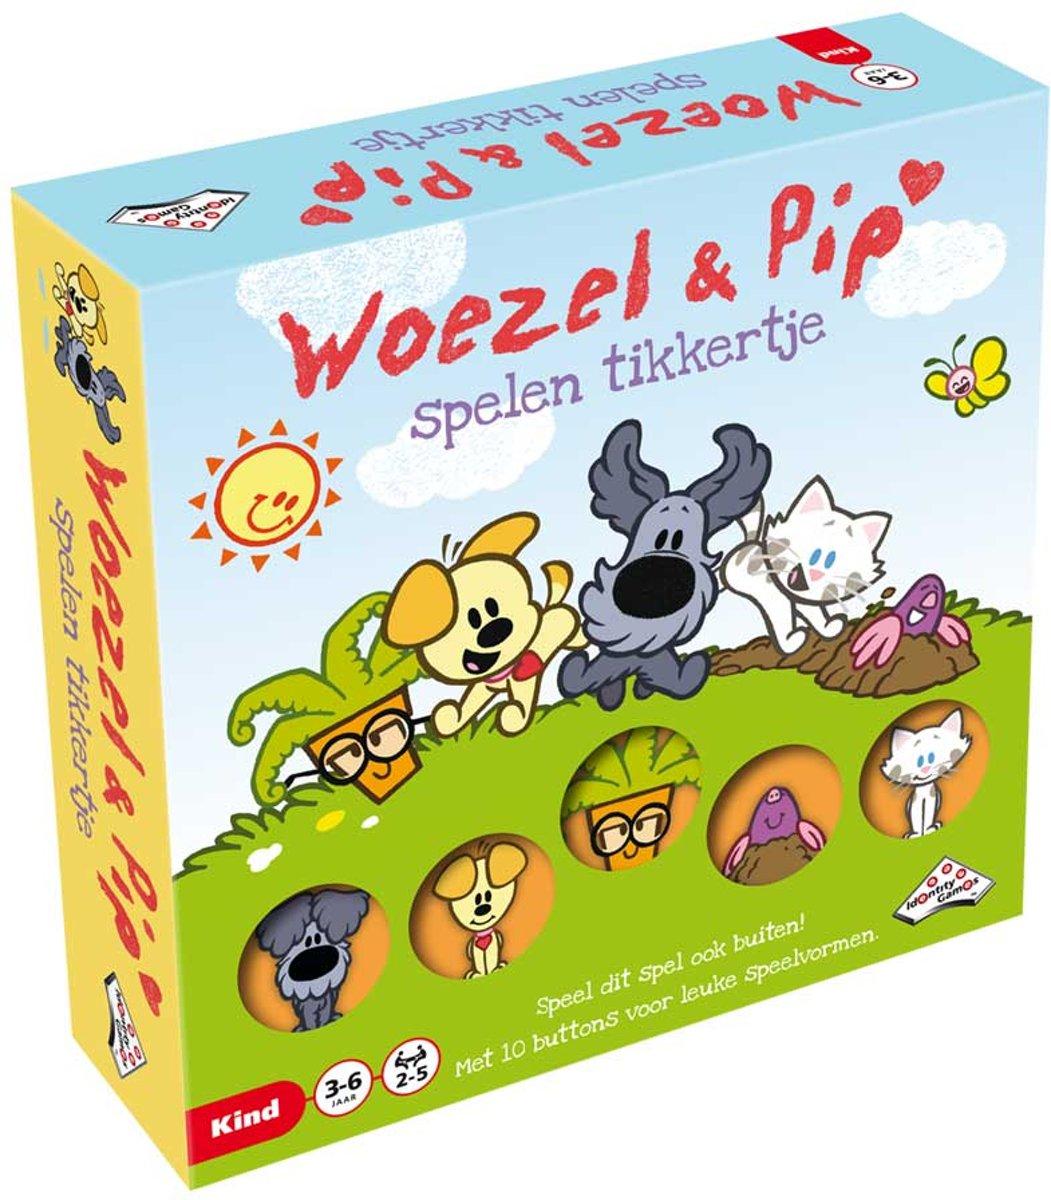 Woezel & Pip Spelen Tikkertje - kinderspel